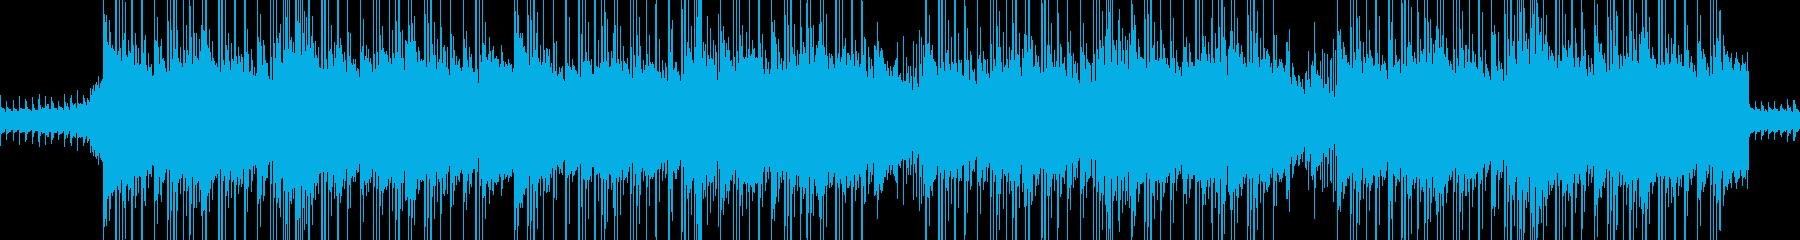 ヒップホップ研究所モダンヒップホッ...の再生済みの波形